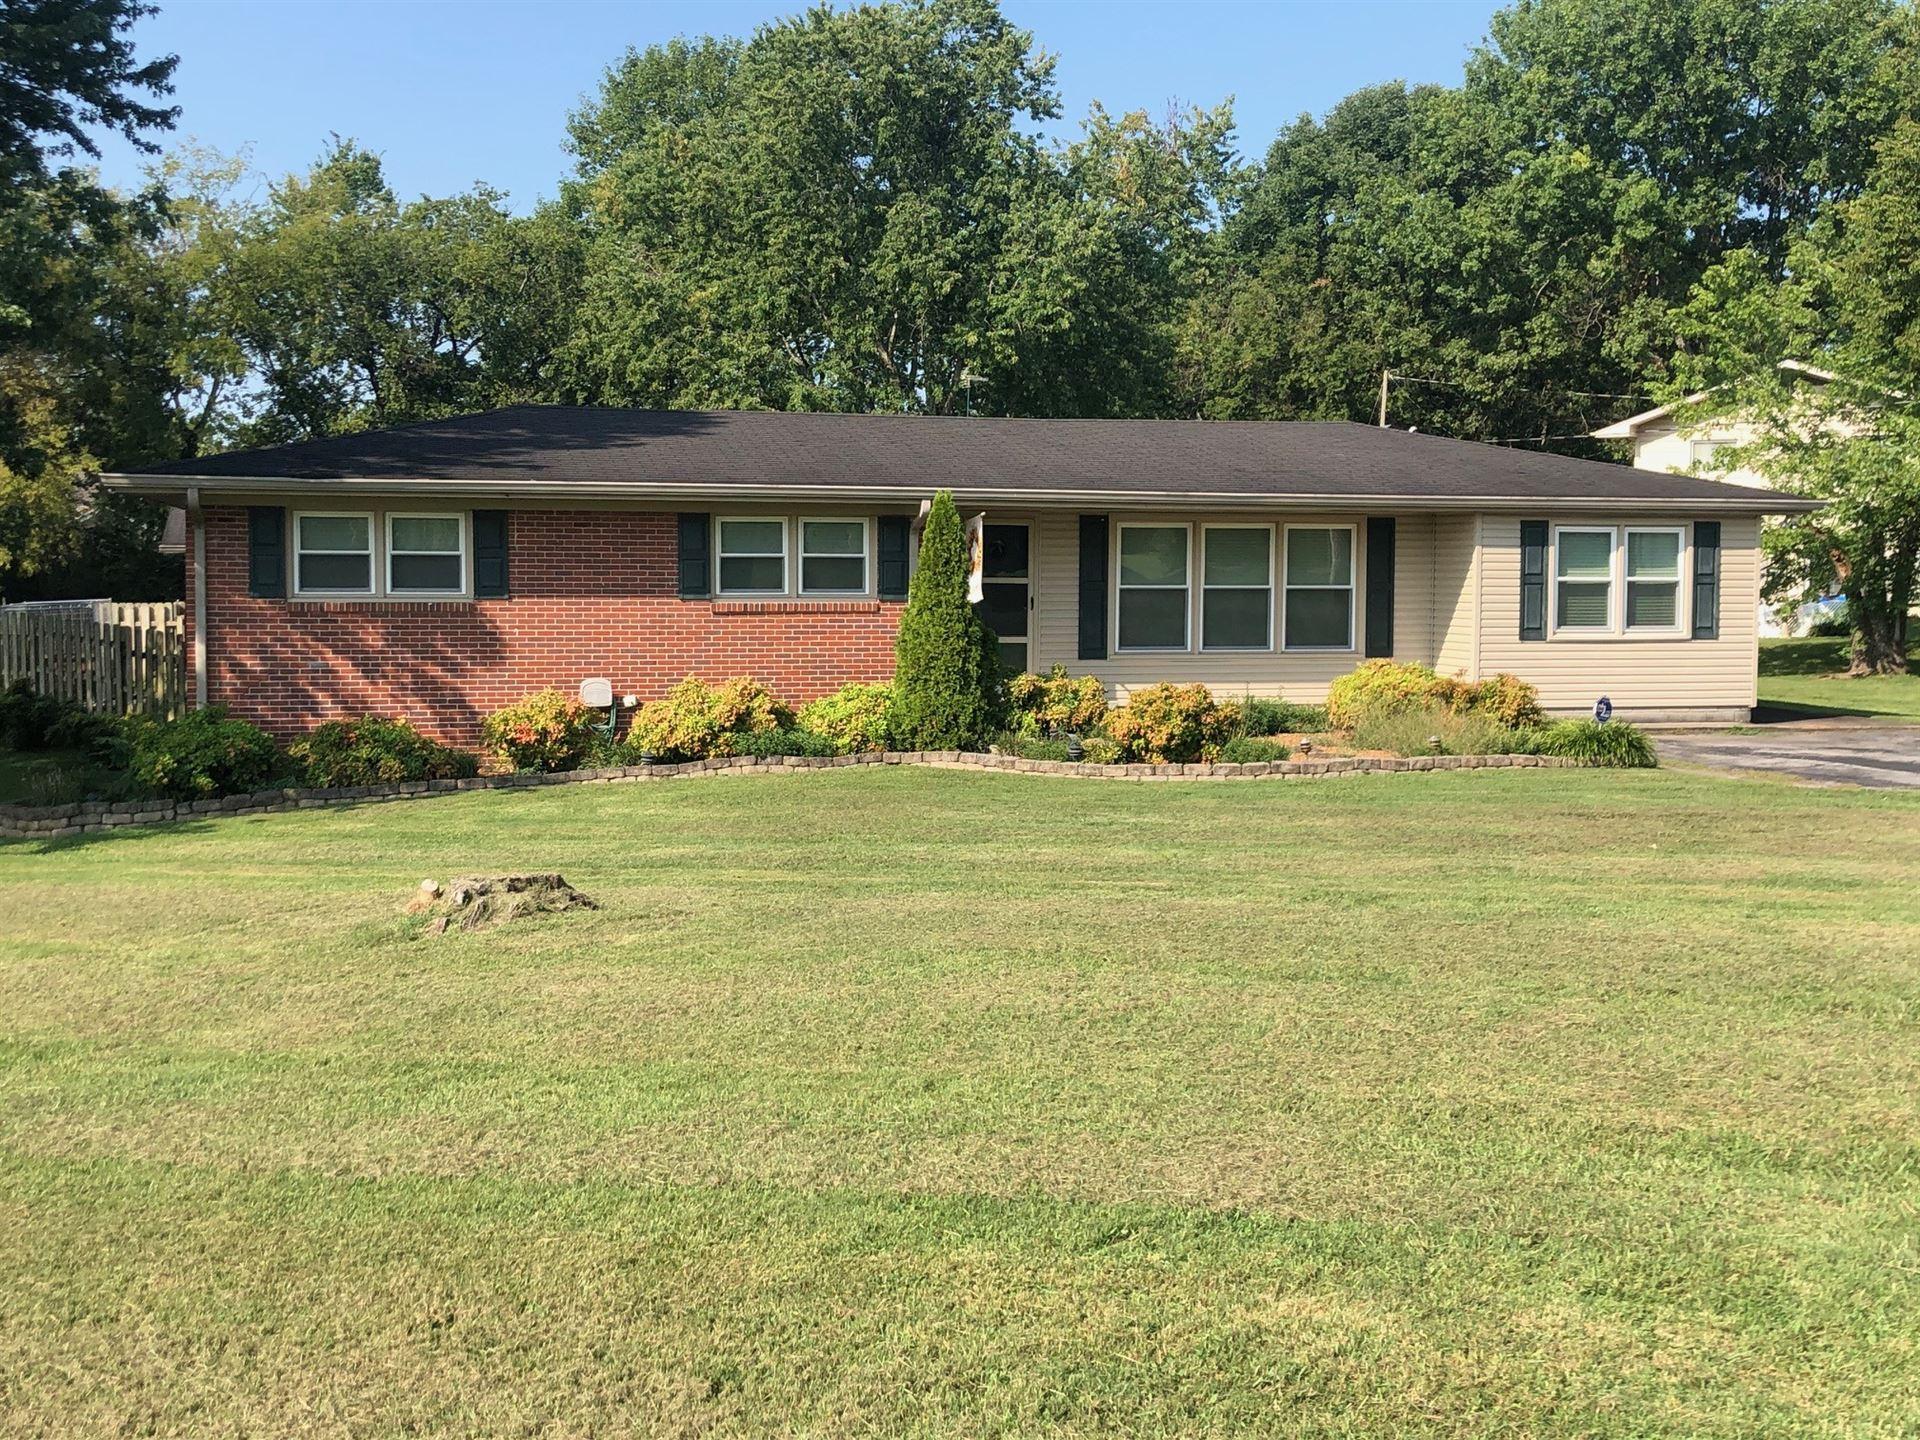 111 Horseshoe Dr, Shelbyville, TN 37160 - MLS#: 2191799